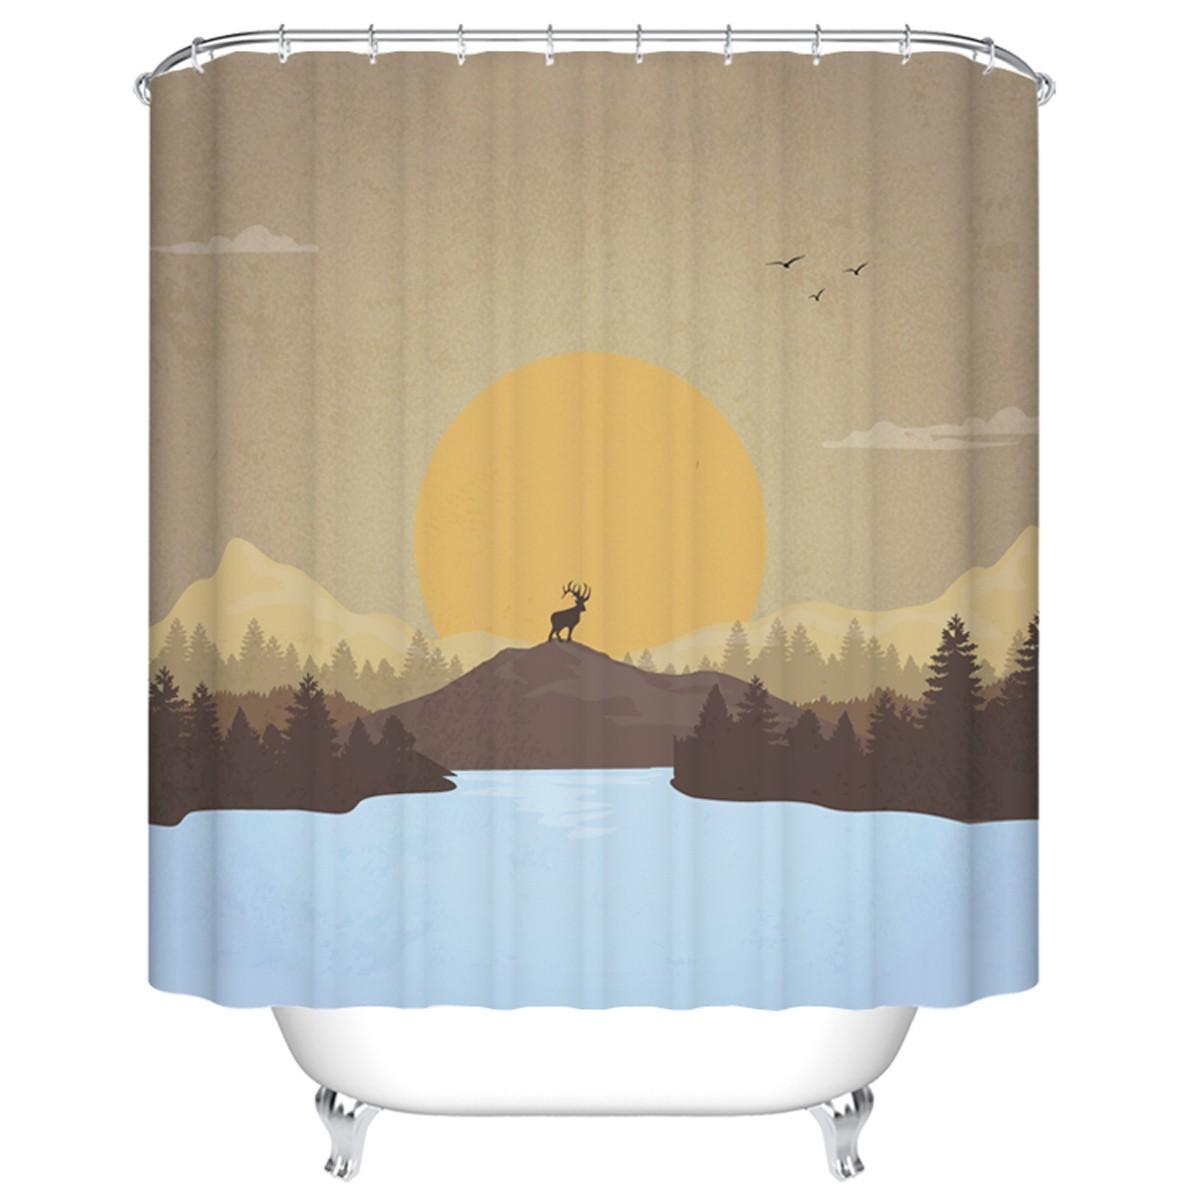 rideau de douche imperm able pour salle de bain 70 l x 72 h dk yt024 decoraport canada. Black Bedroom Furniture Sets. Home Design Ideas